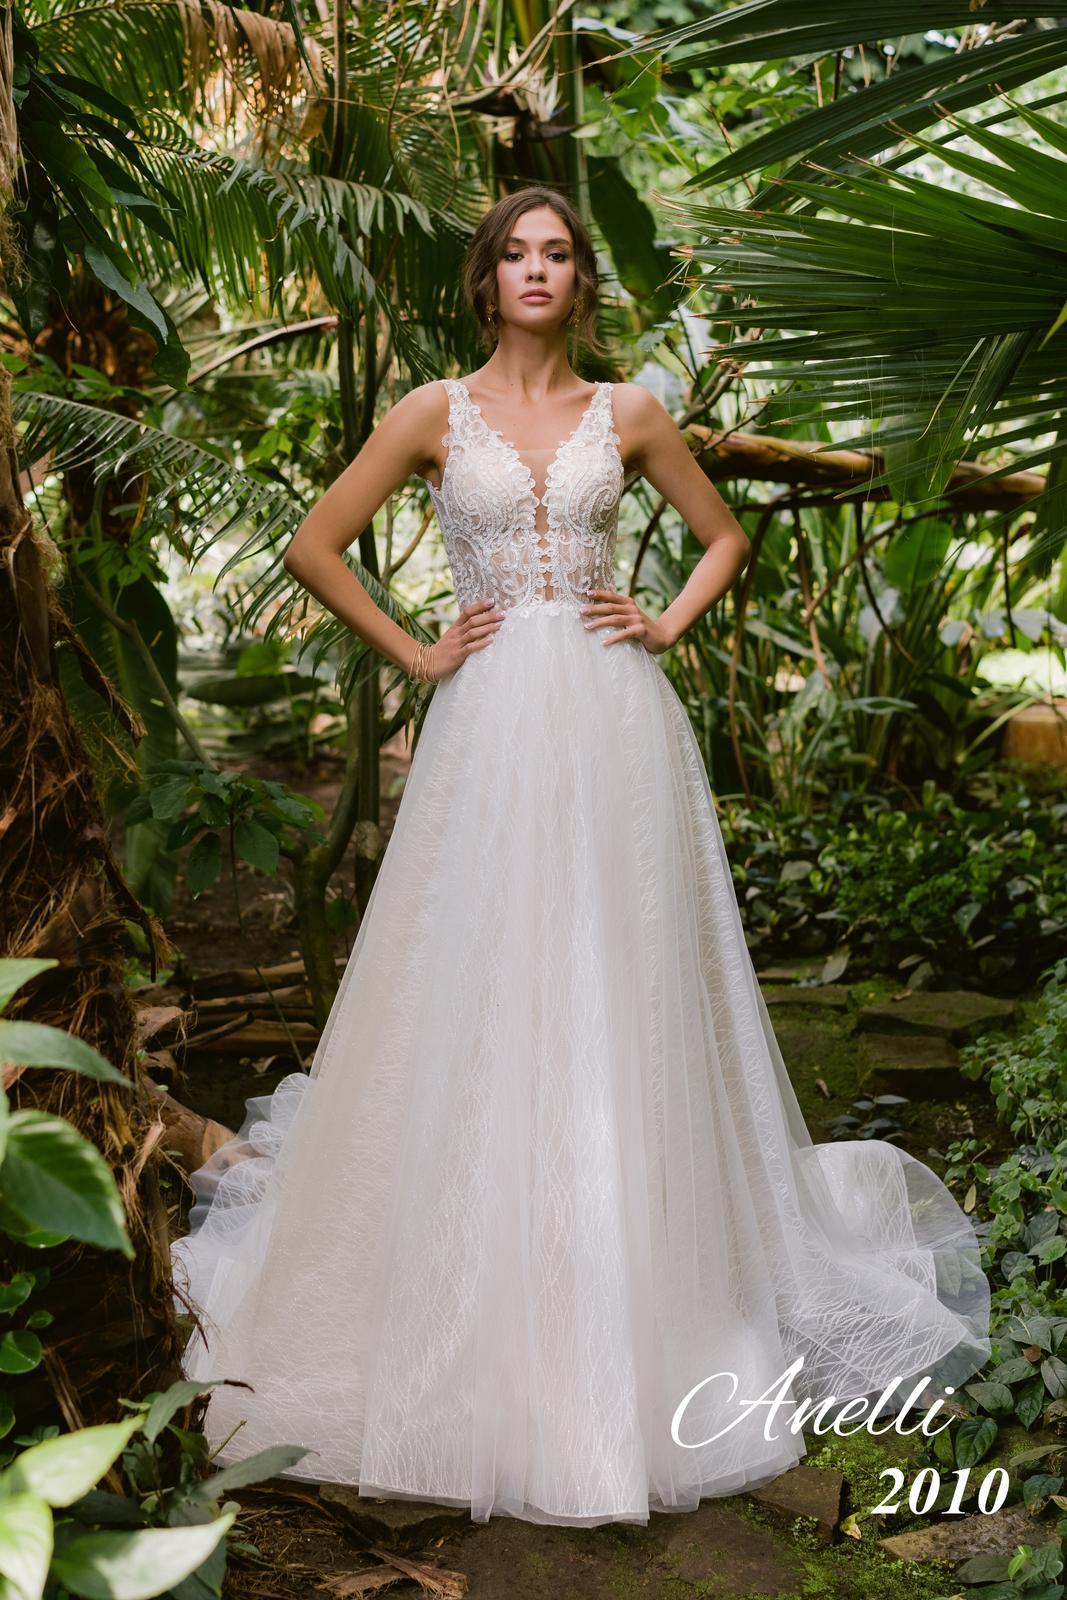 Svadobné šaty - Breeze 2010 - Obrázok č. 2